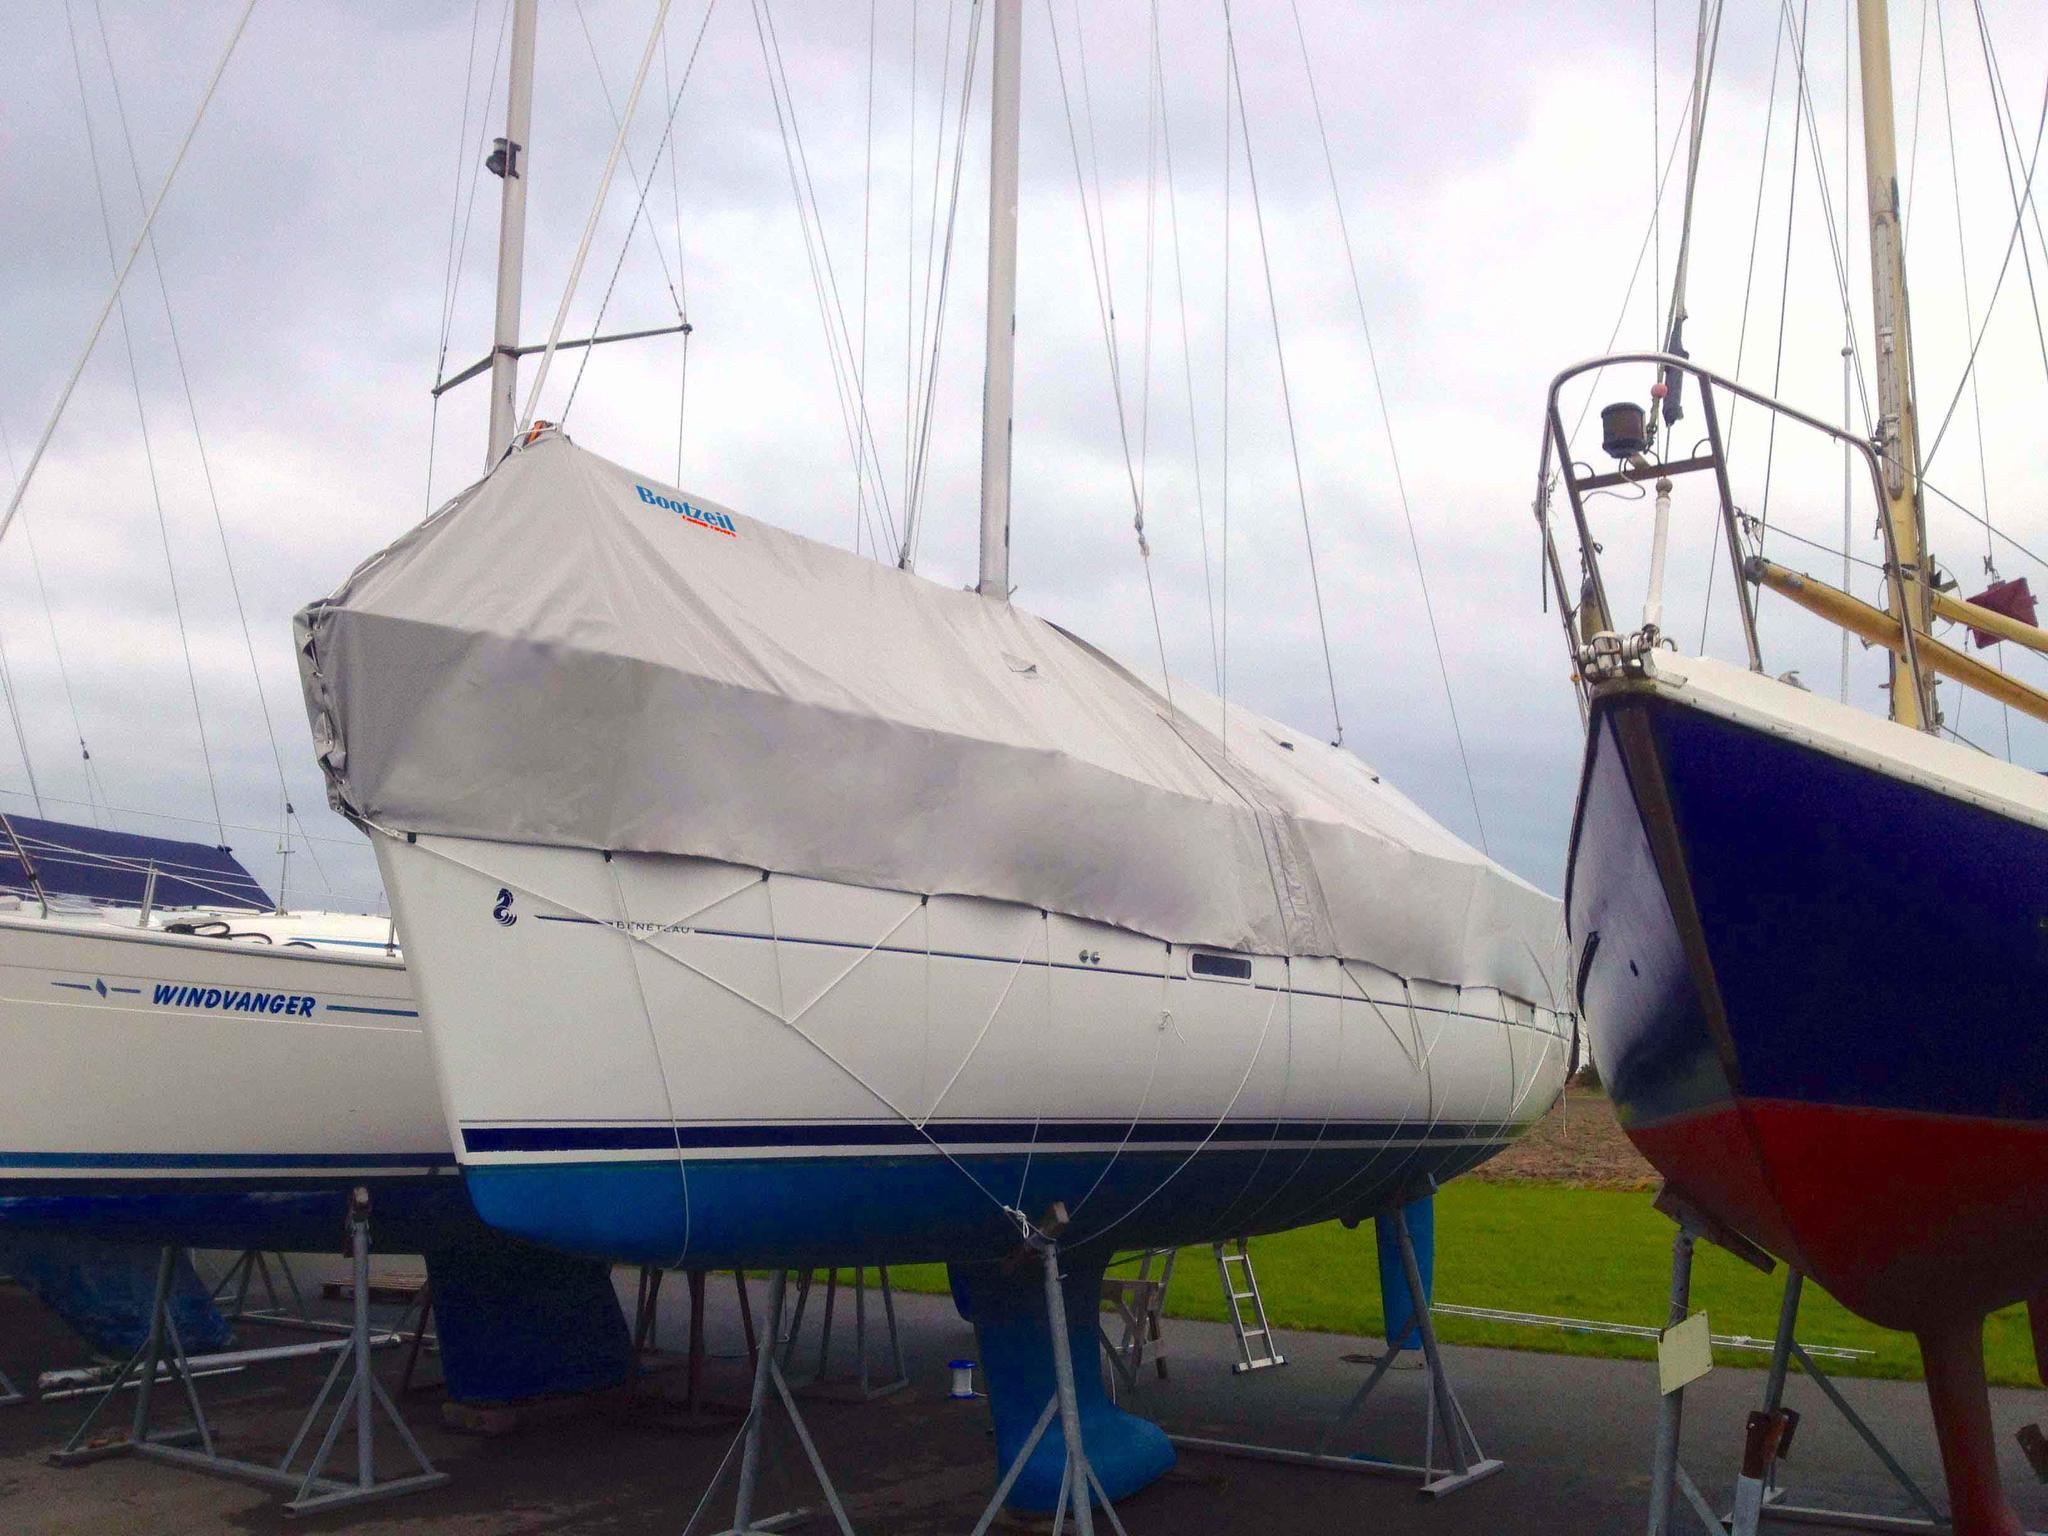 winterkleed-zeilboot